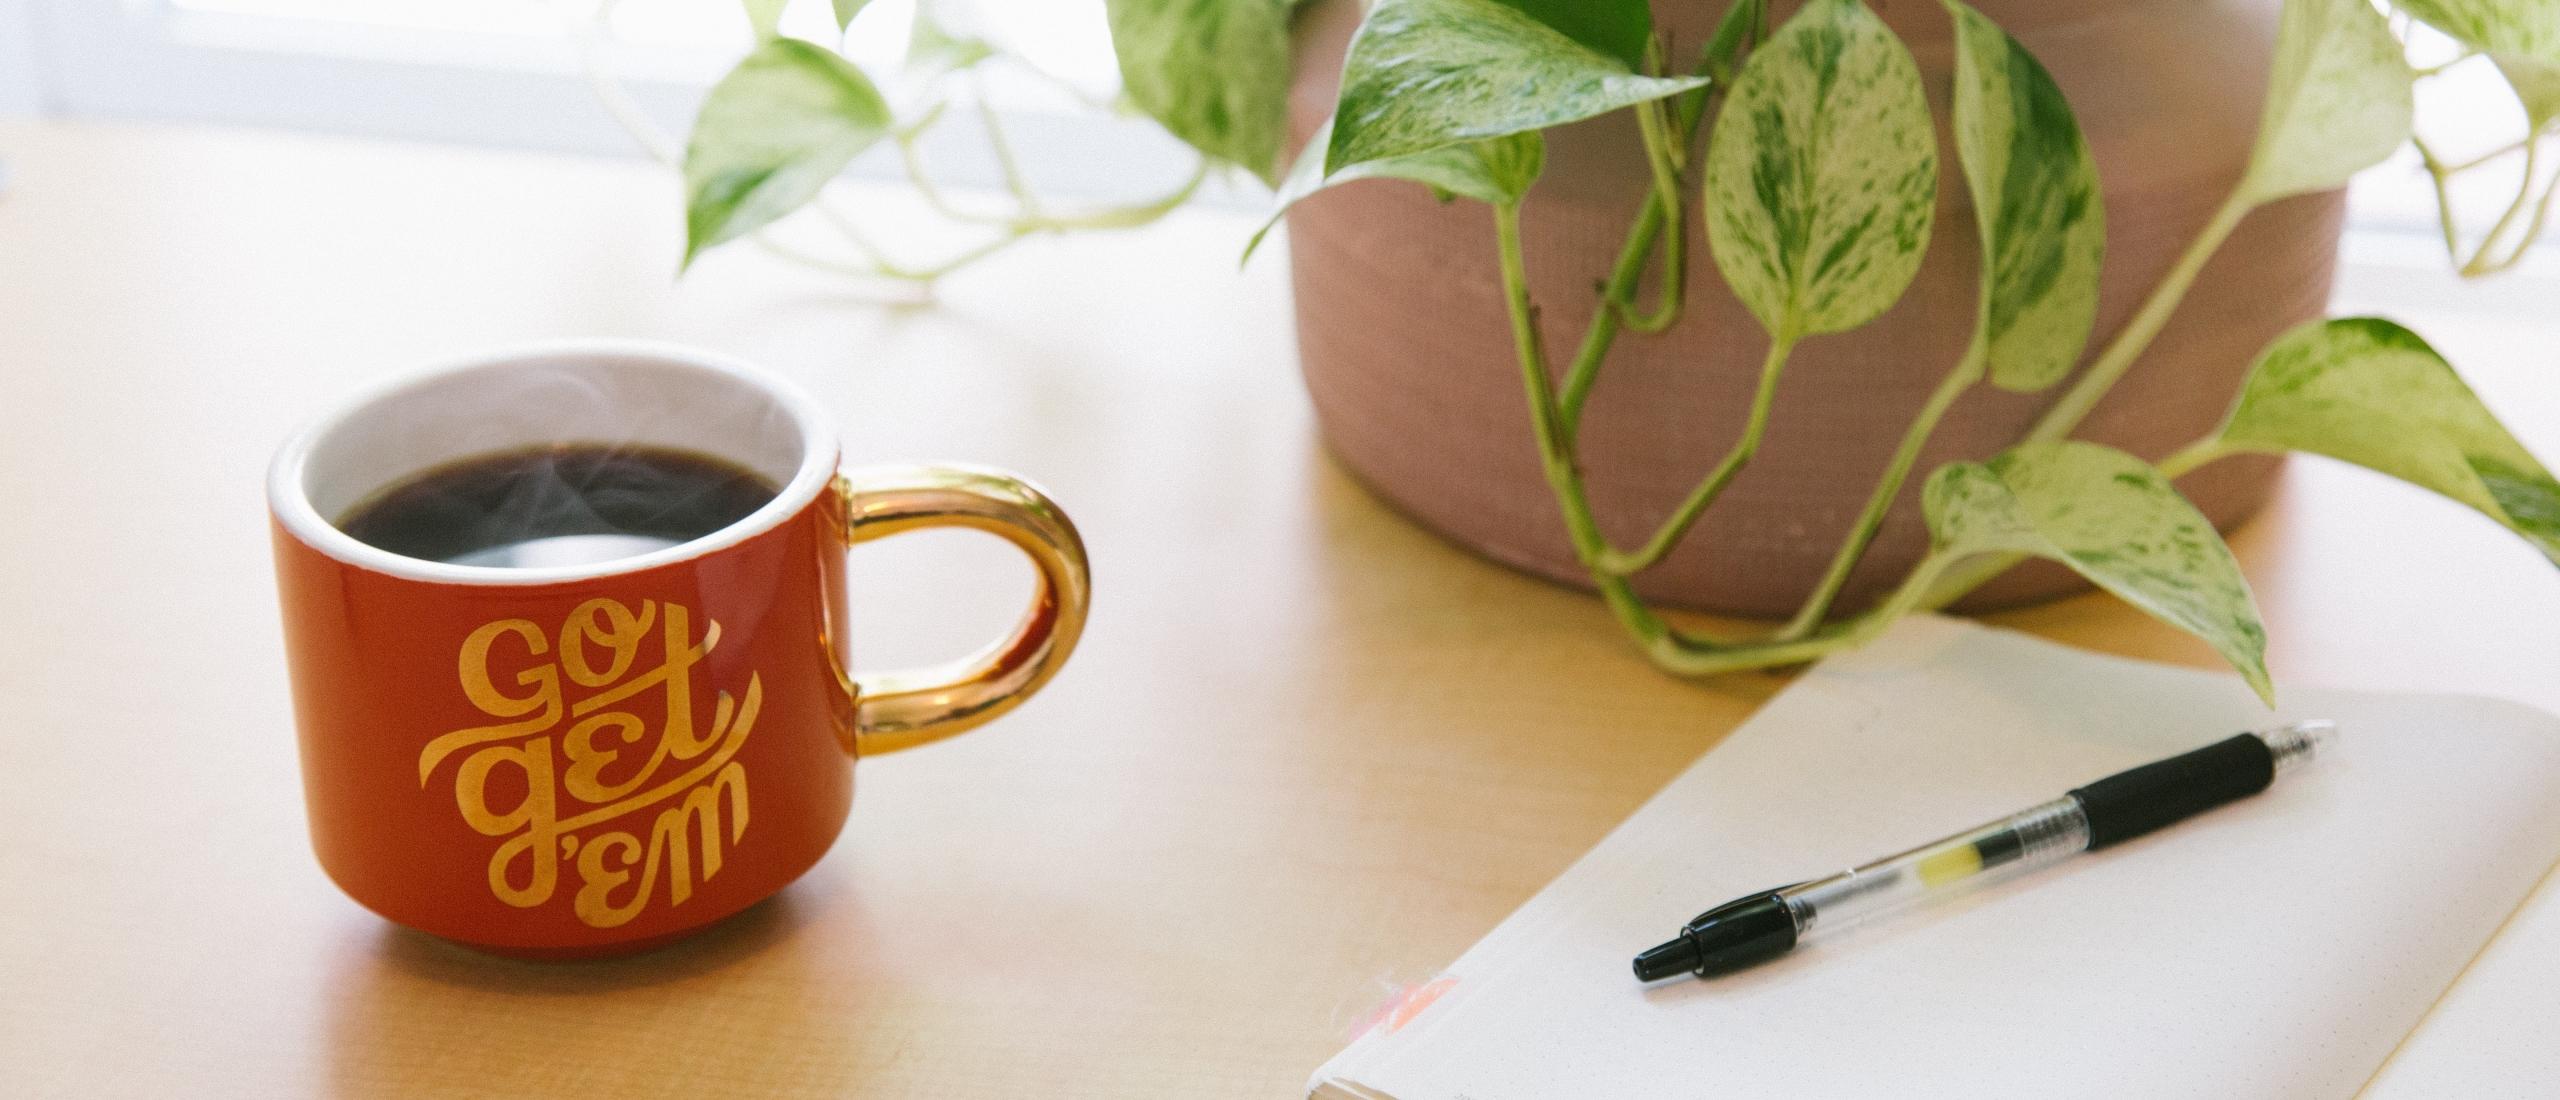 Blog maken tips | 5 tips voor een succesvolle blogpost